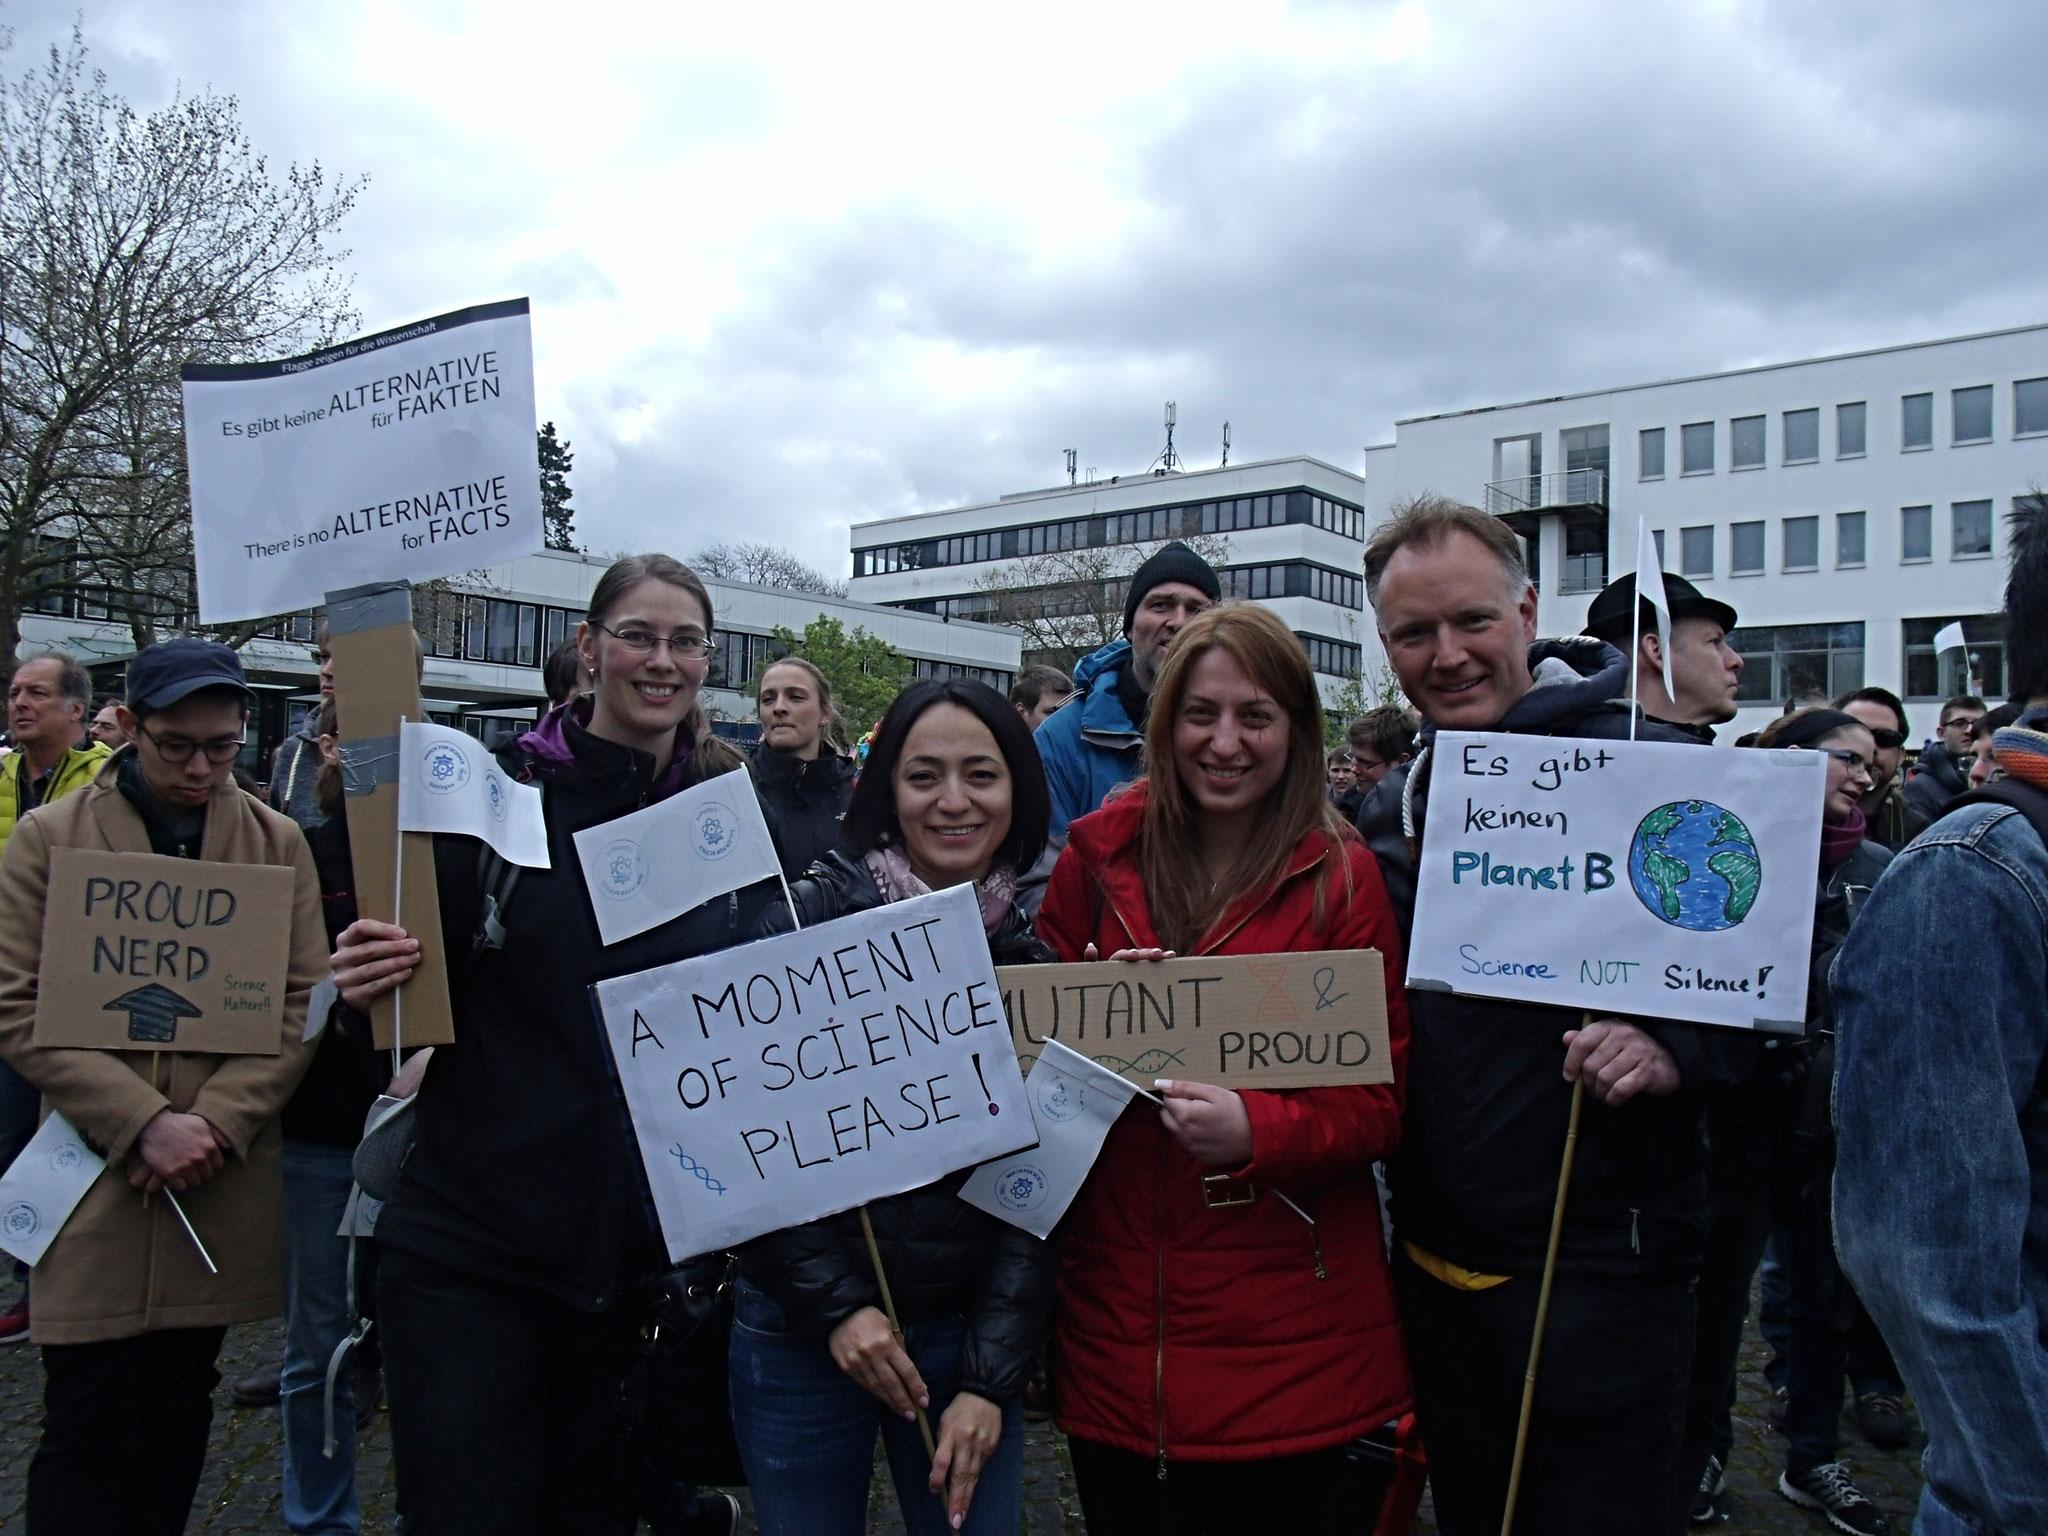 Wissenschaftler und Studierende marschieren für die Freiheit der Forschung. Foto: Hatice Karakus